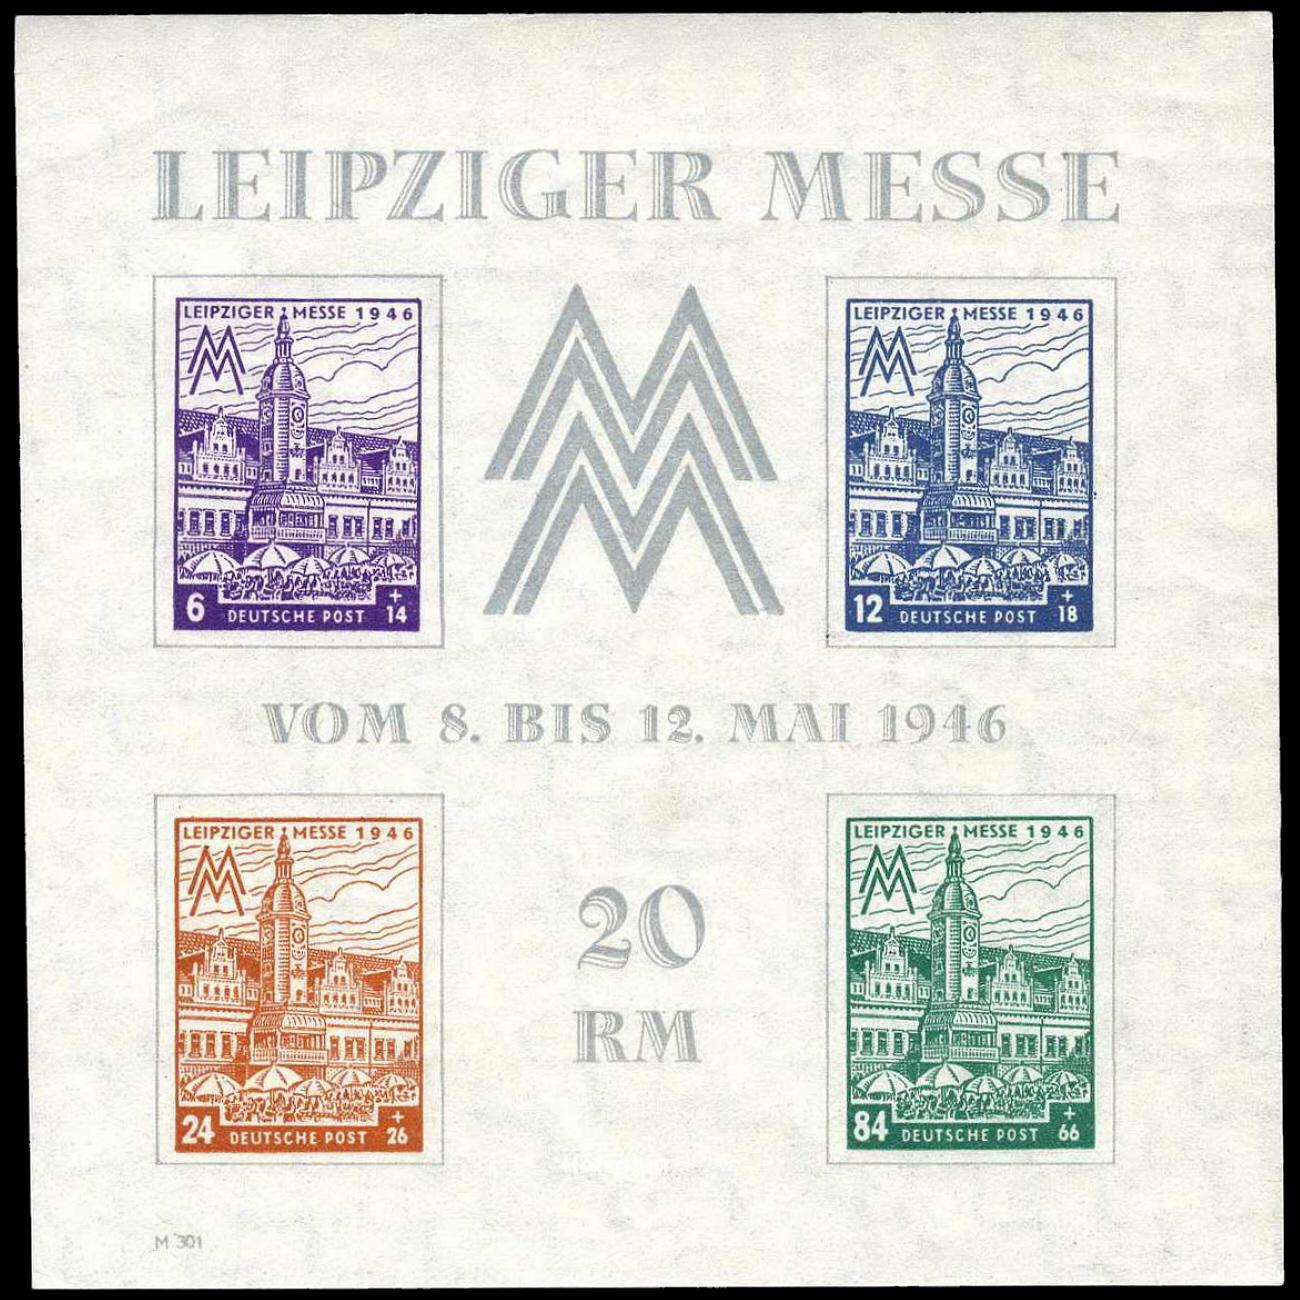 Briefmarken Ausgaben Für West Sachsen Sbz Wikipedia